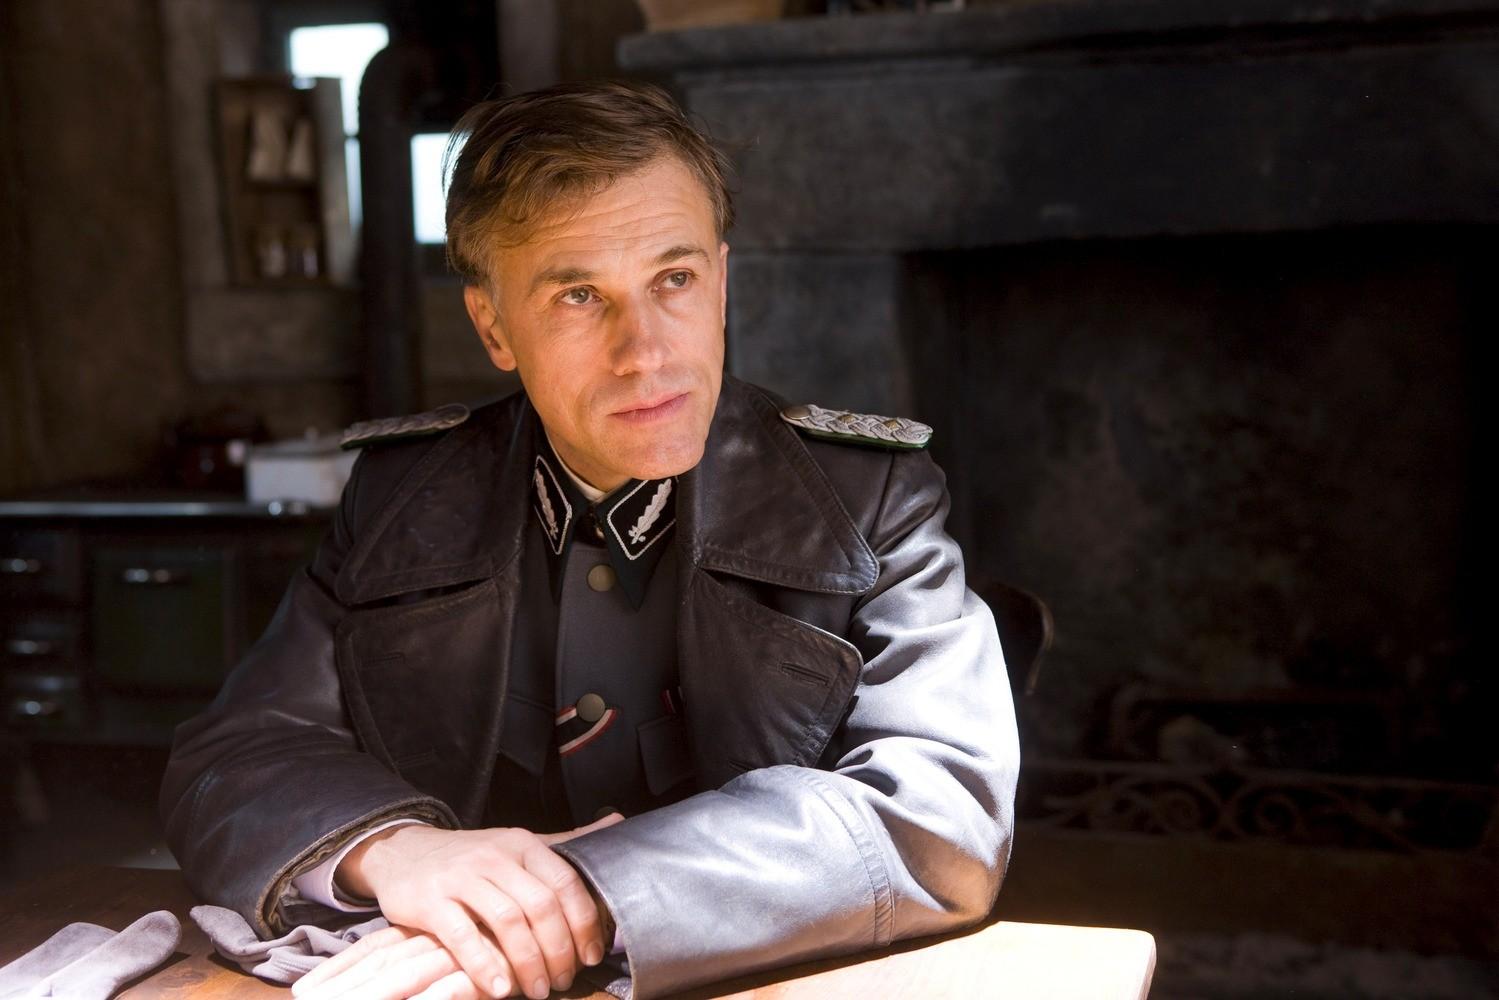 И он оказался прав. Вот только Вальц настолько хорошо сыграл расчетливого немецкого офицера в военном триллере Квентина Тарантино «Бесславные ублюдки», что ему дали премию «Оскар». Так 53...